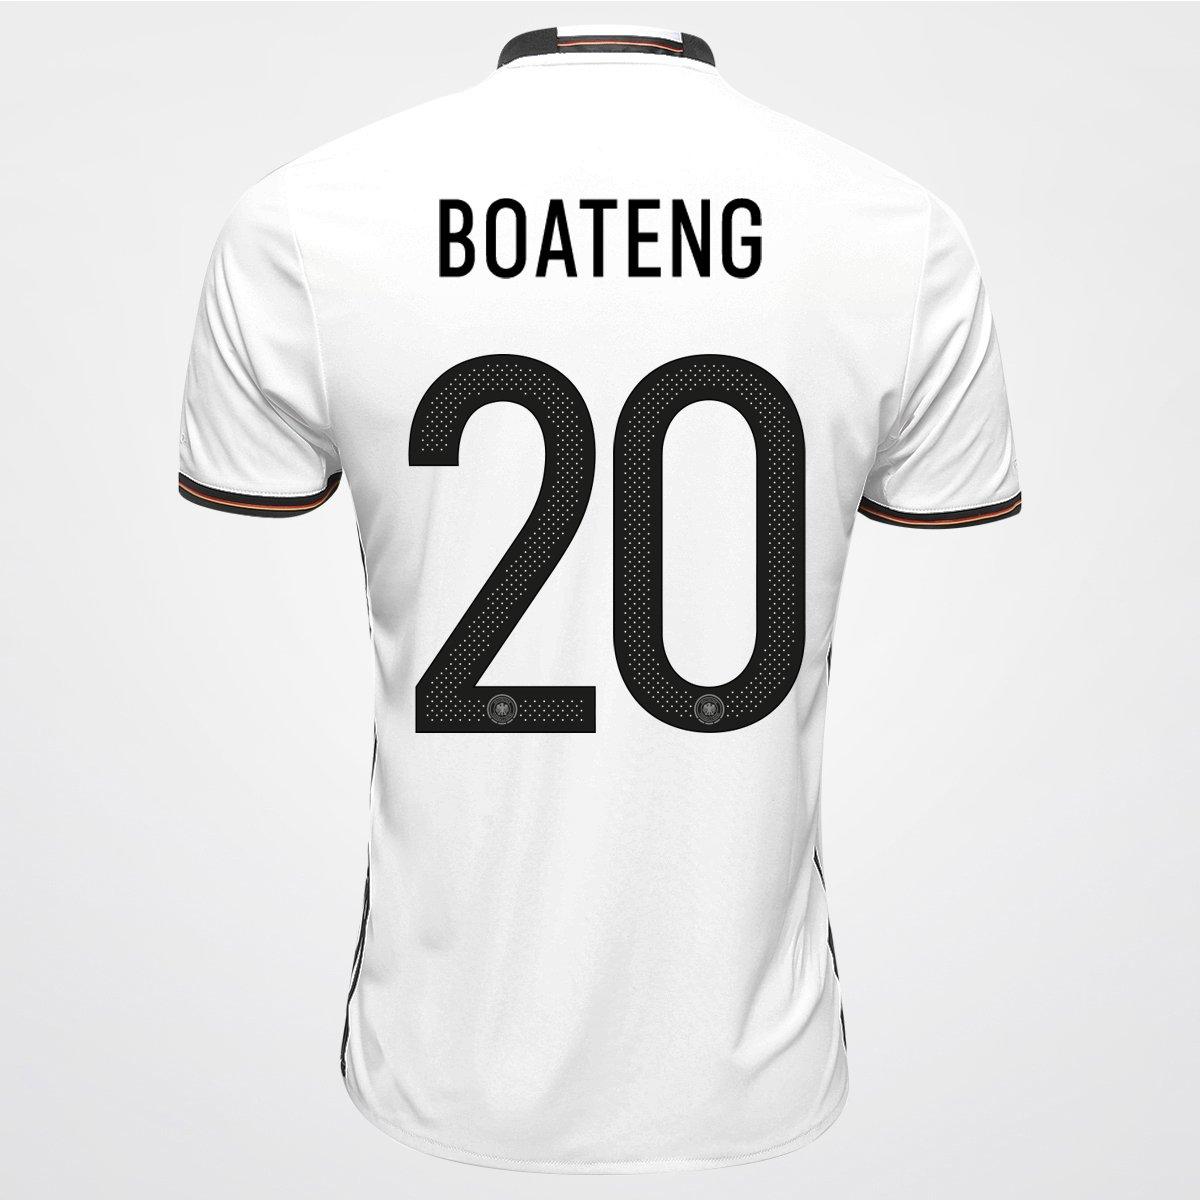 Camisa Adidas Seleção Alemanha Home 2016 nº 20 - Boateng - Compre Agora  4aa8e35a75c06